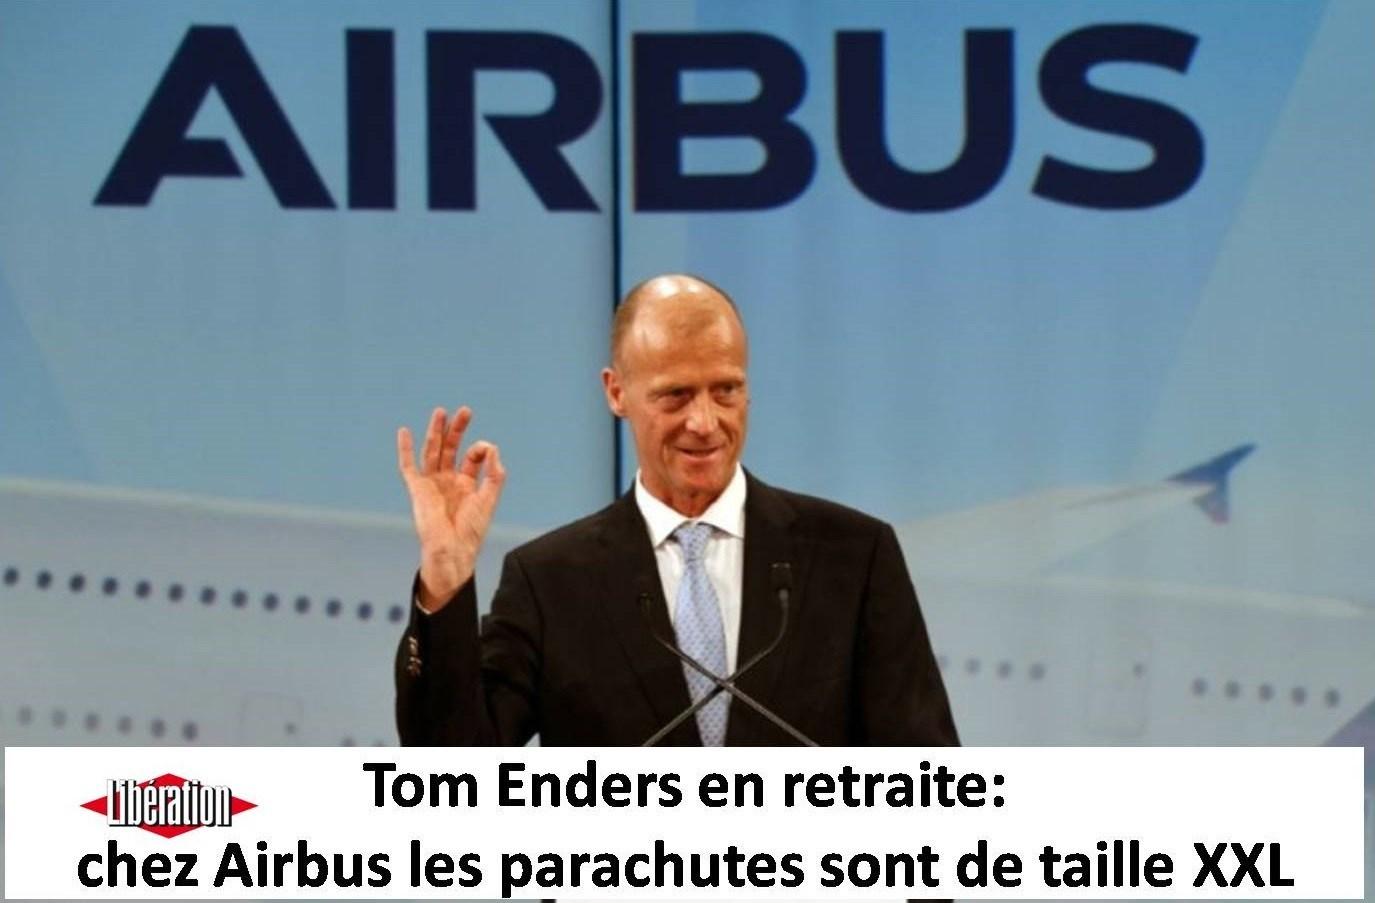 «Quand on met en perspective ces sommes avec ce que l'on peut annoncer comme politique de rémunération aux salariés, ça brouille le message», estime Françoise Vallin, déléguée centrale CFE-CGC d'Airbus.